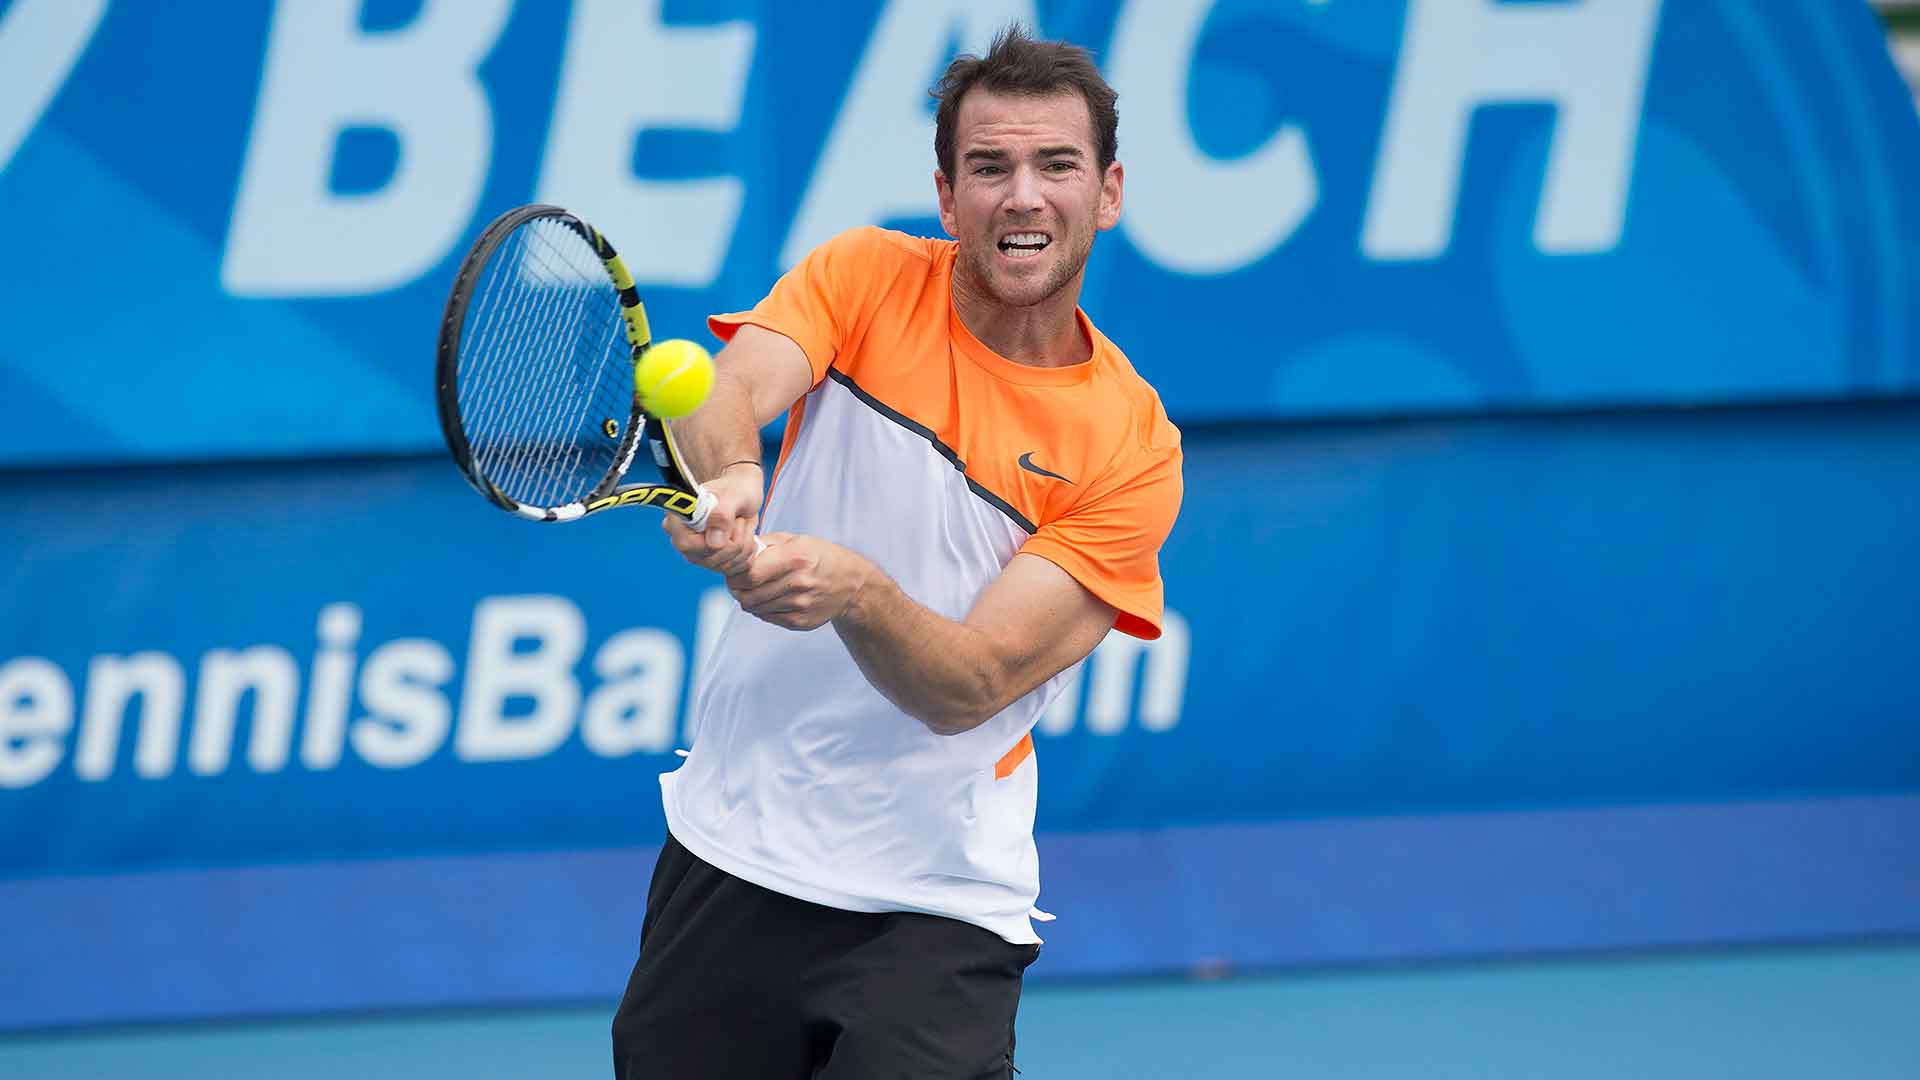 Ponturi Tenis Mannarino – M Zverev – Atlanta (SUA)